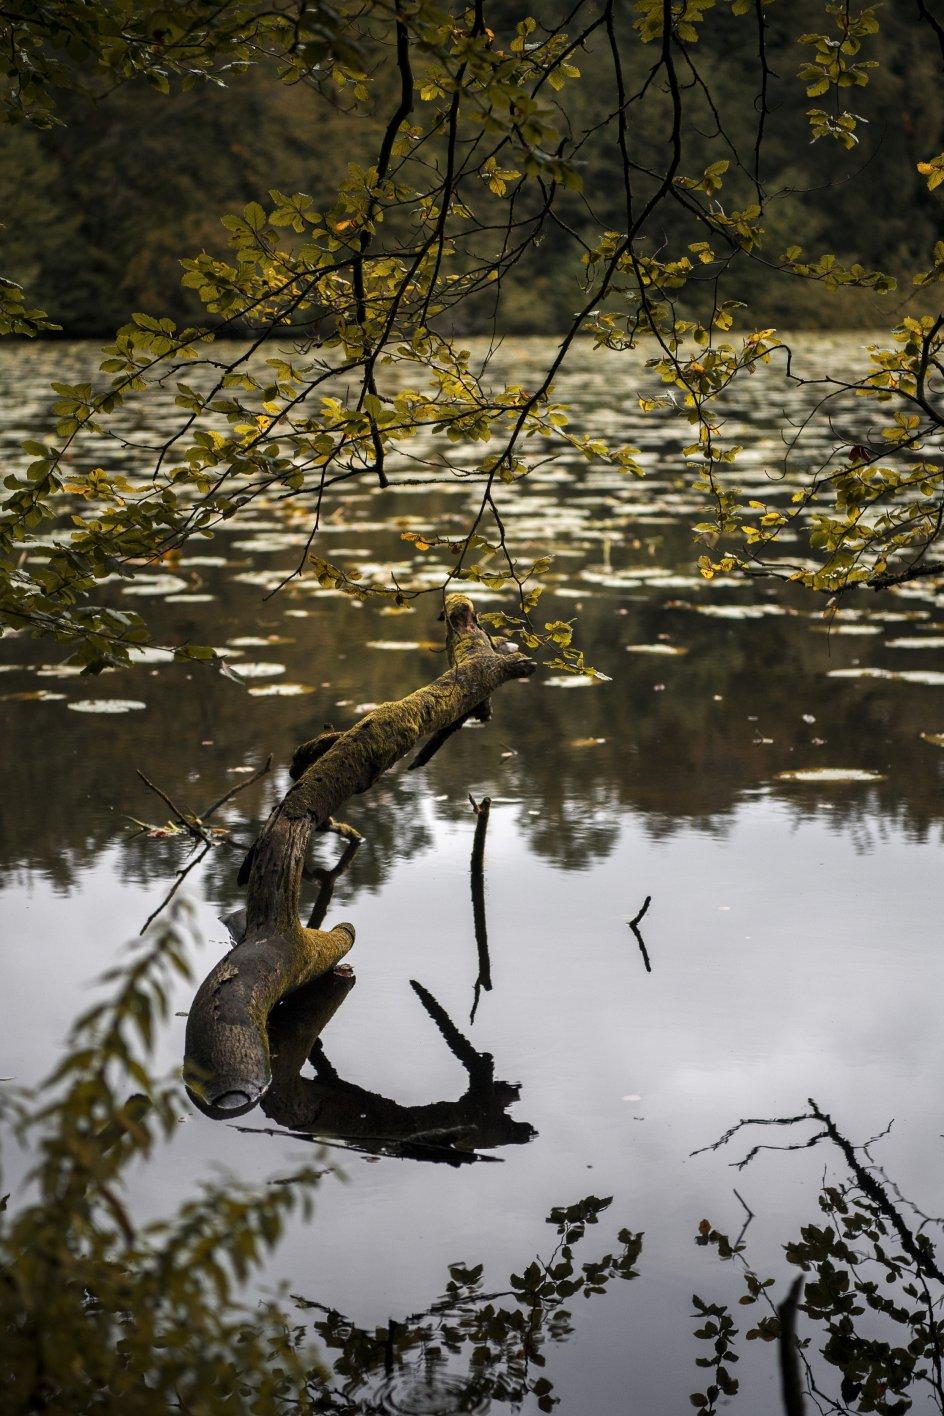 """I """"Sensommervise"""" kruser søen """"mystisk og sort"""" på overfladen. I dag er den stille og fuld af store, grønne pletter, åkander, der har spredt sig med årene."""